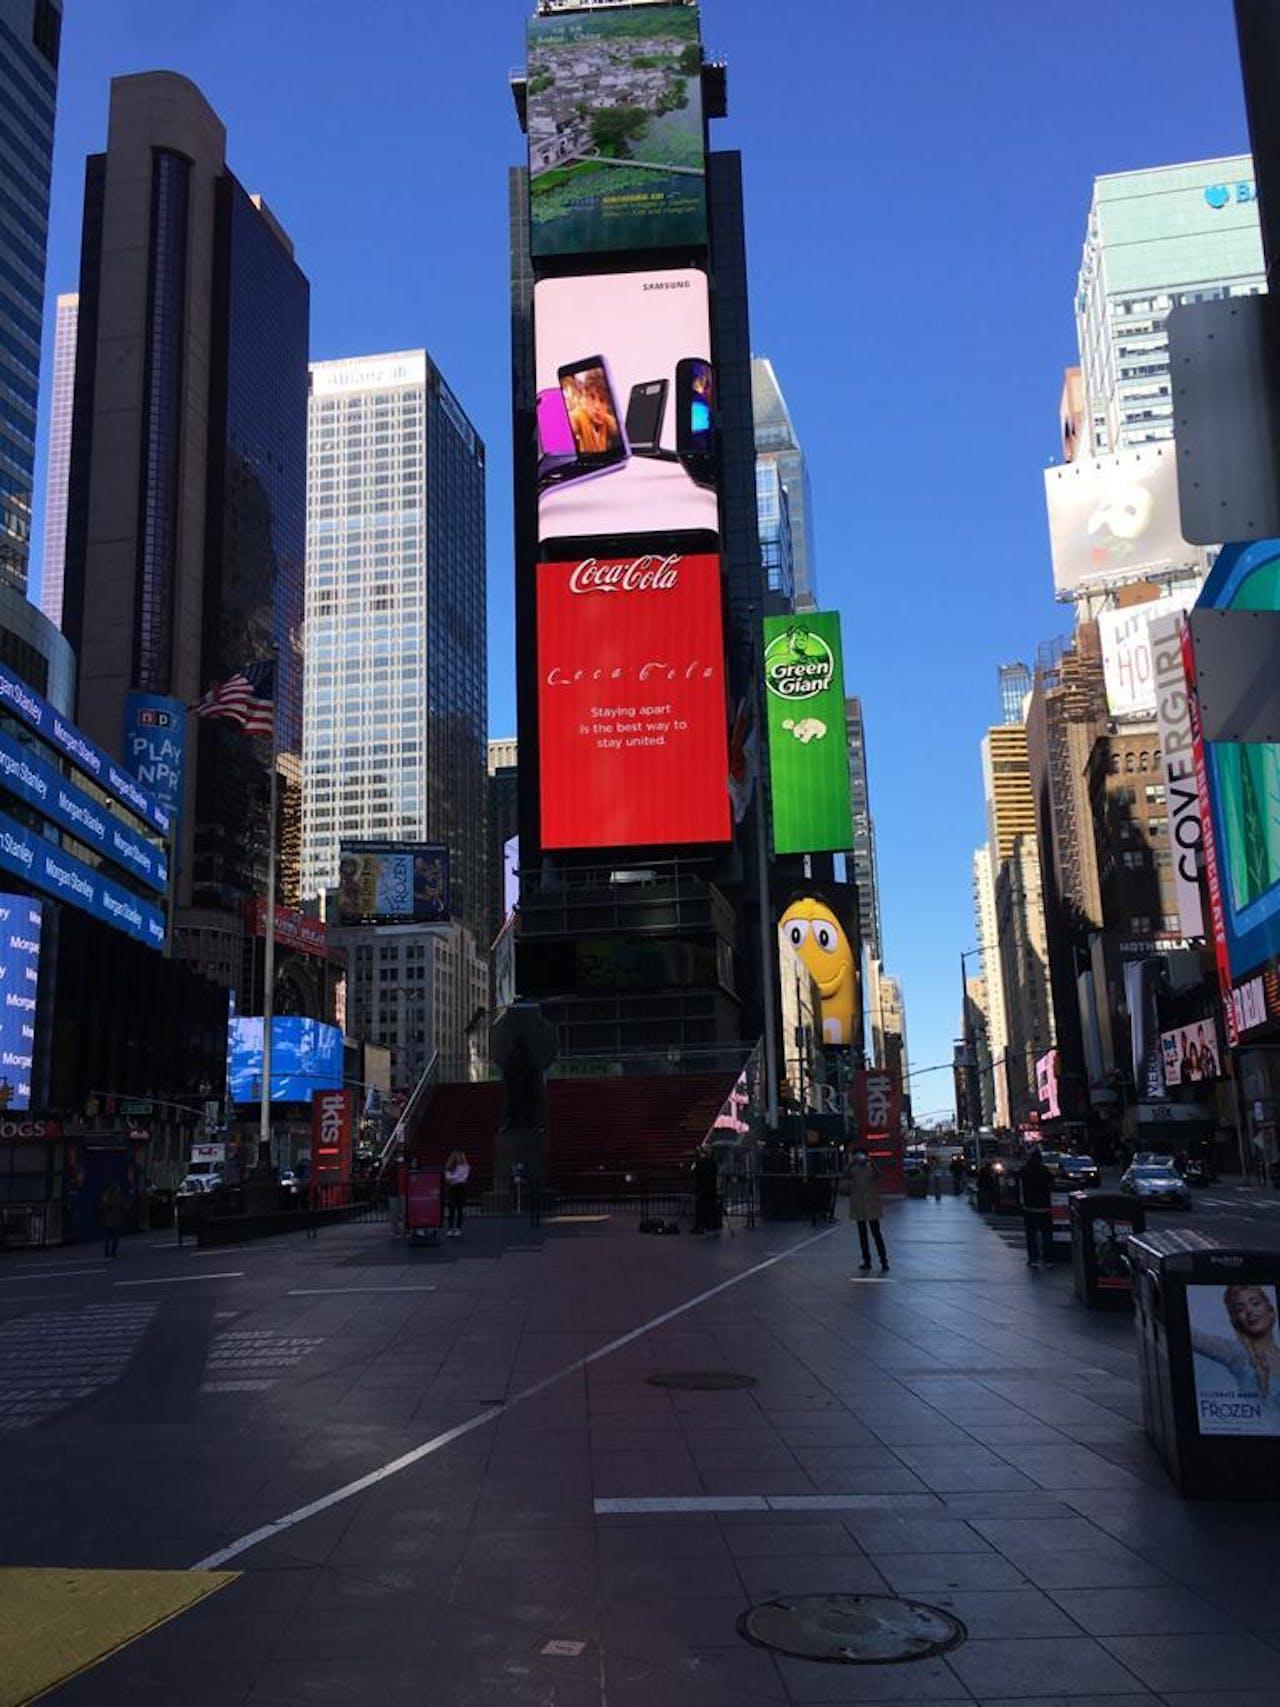 Ook op Times Square in New York is het vrijwel uitgestorven. In New York slaat de epidemie hard toe, De stad telt in zijn eentje ongeveer de helft van alle besmettingen.